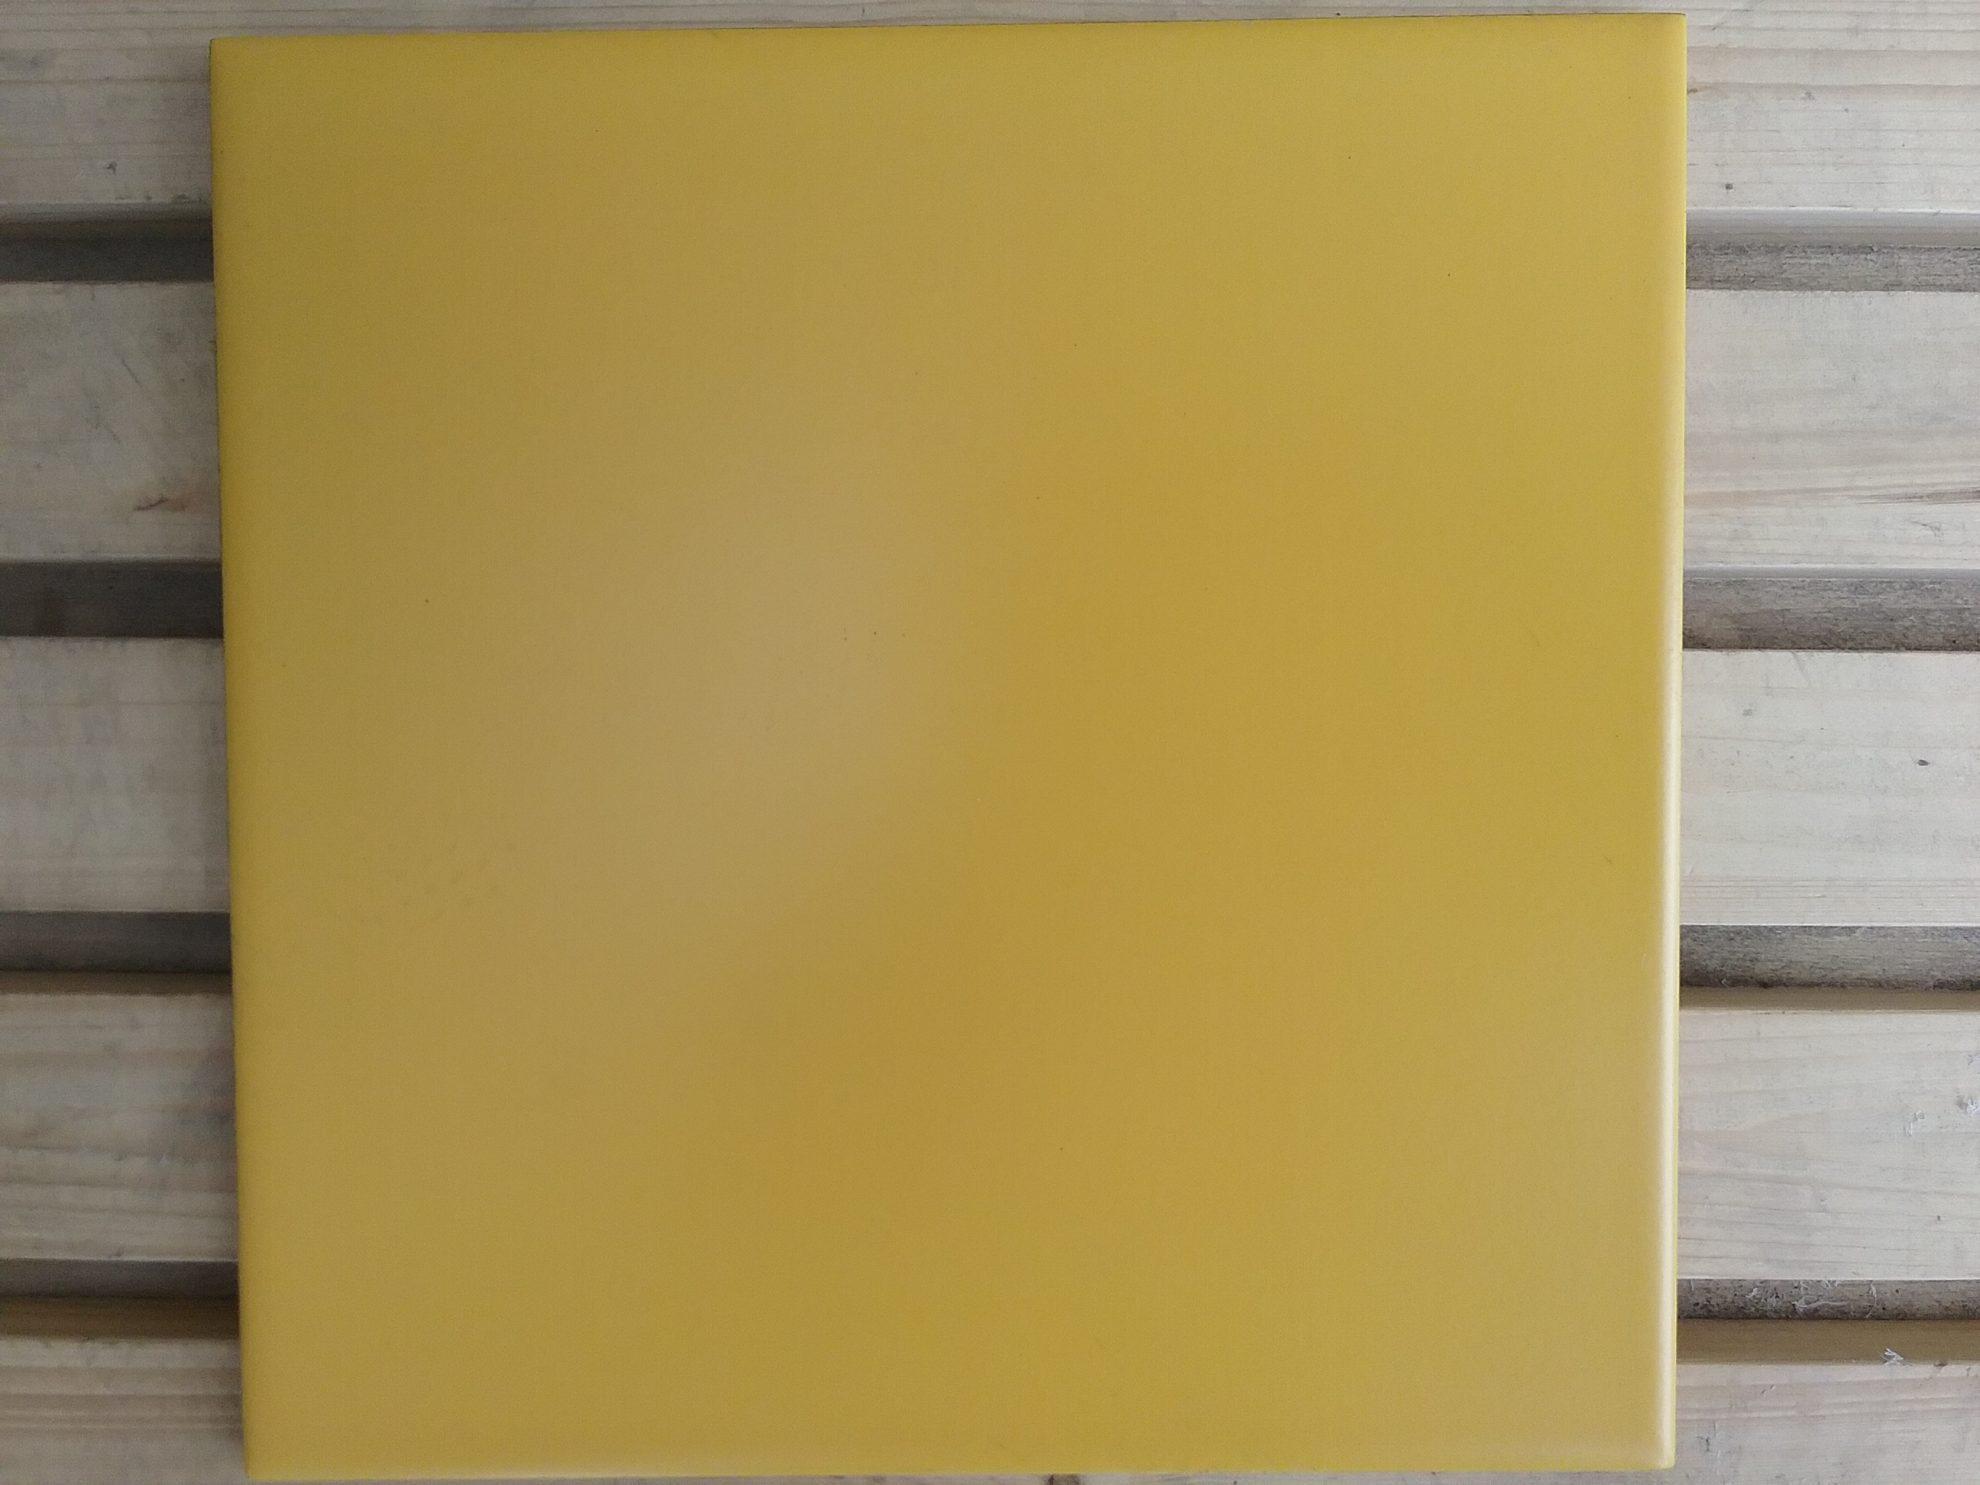 Citta Ocra 20×20 29,72 eur/m2 Kiekis:16,61 m2